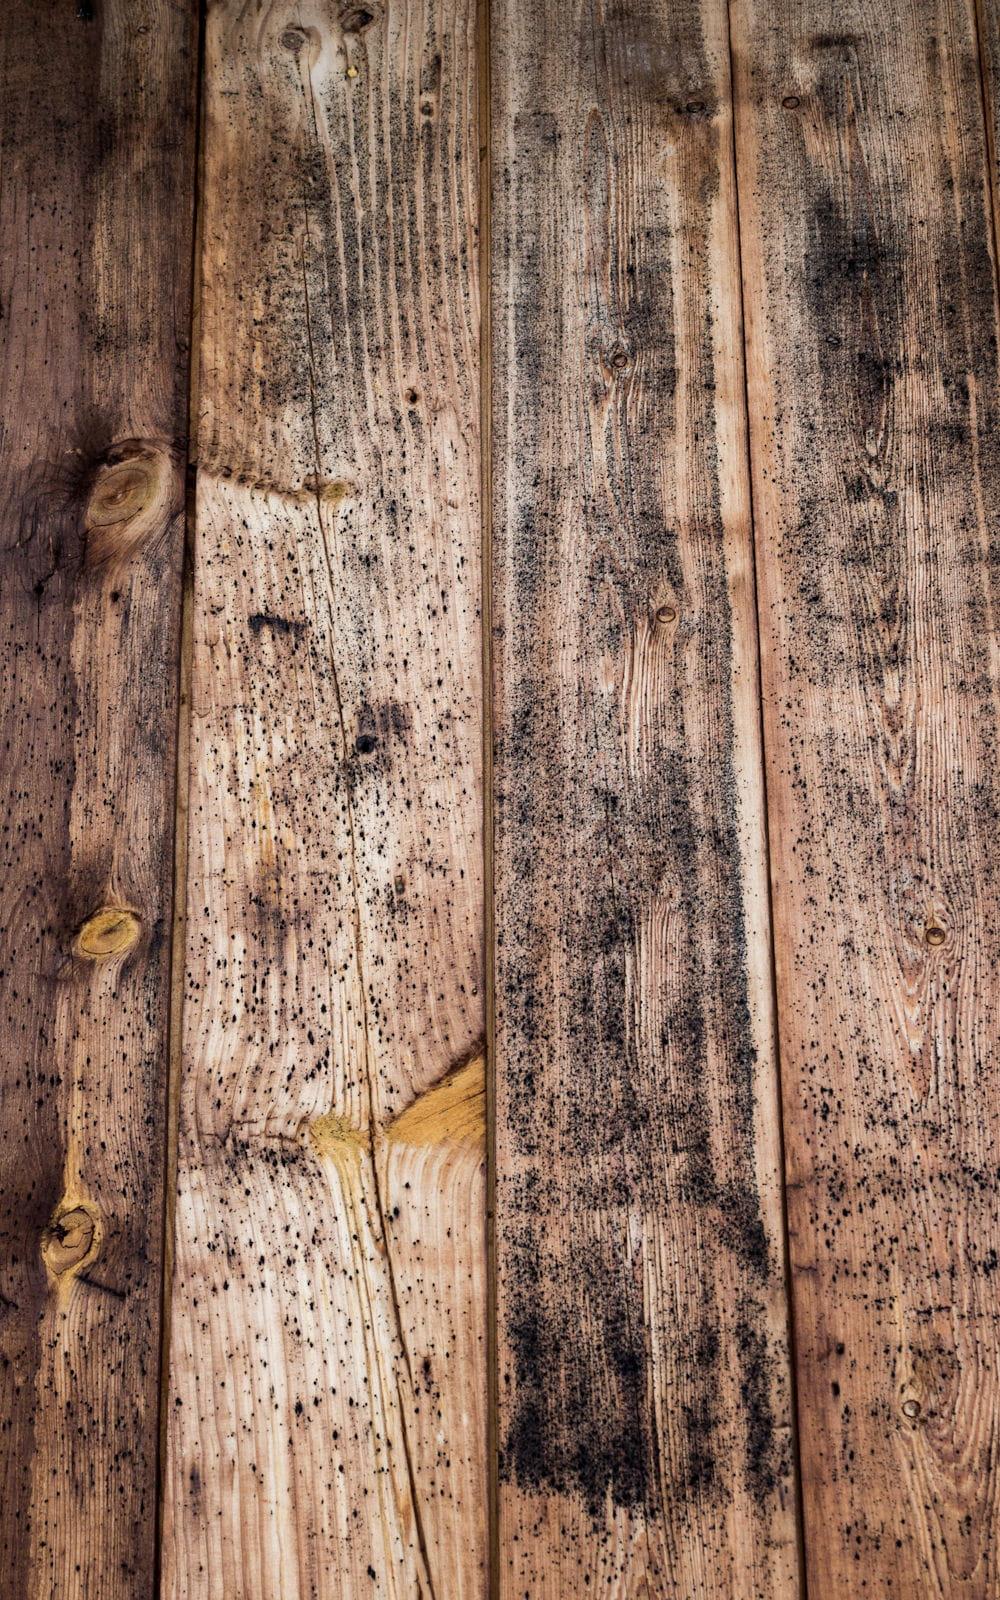 Comment Traiter Du Bois Brut enlever la moisissure sur du bois